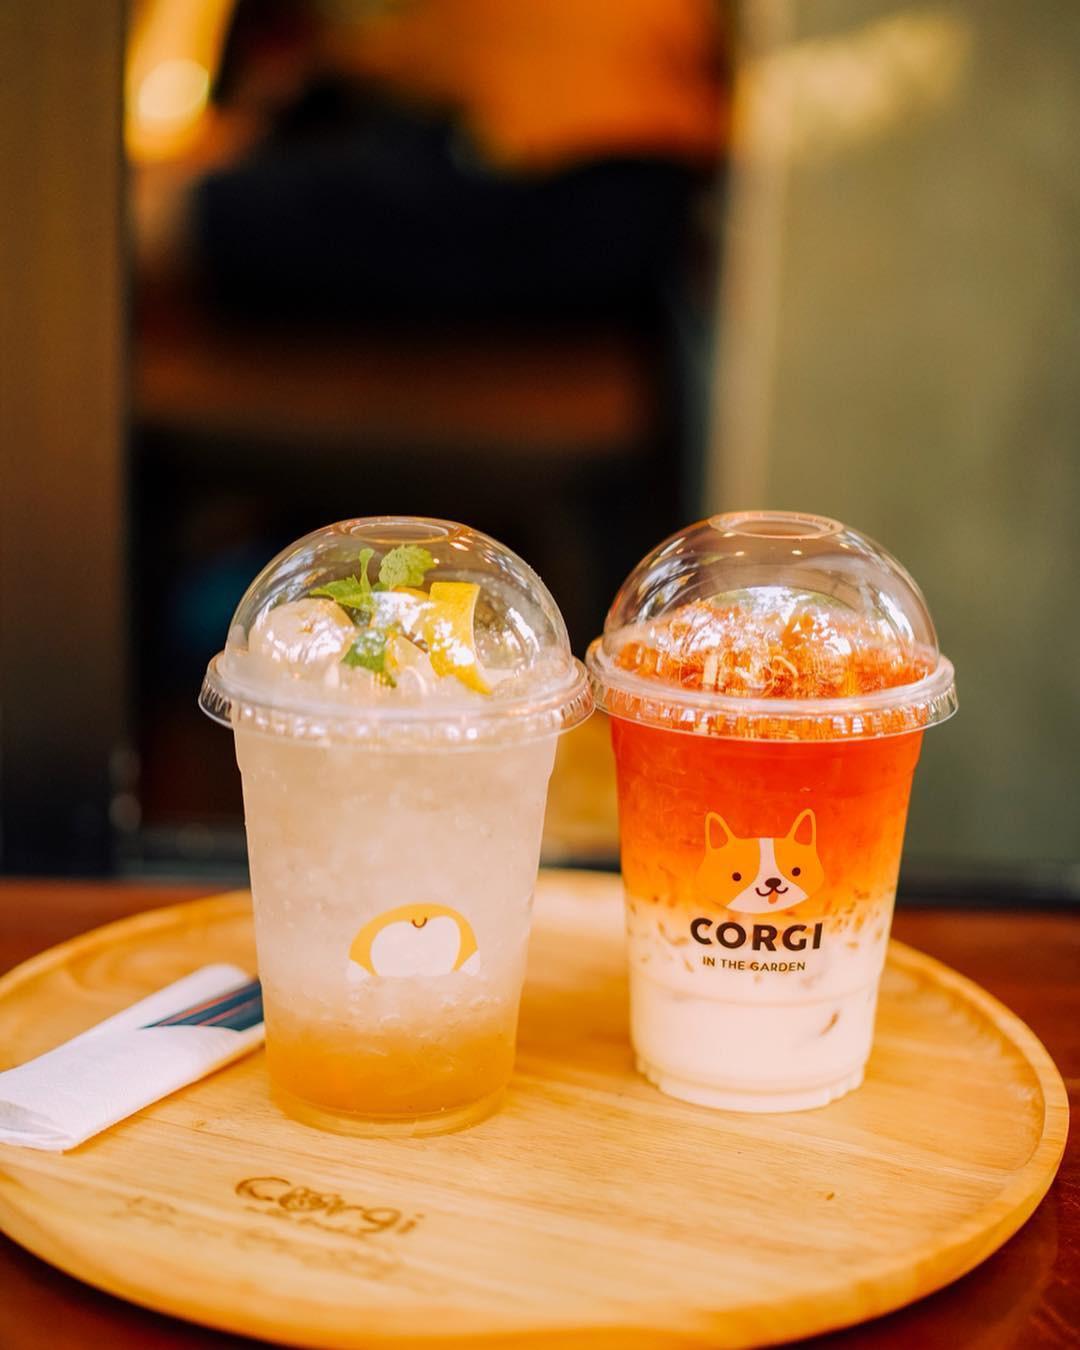 Siêu cấp dễ thương: Quán cà phê chó corgi nổi tiếng nhất Bangkok khiến dân tình phát sốt, con nào con nấy cũng ú nu ú nần - Ảnh 5.